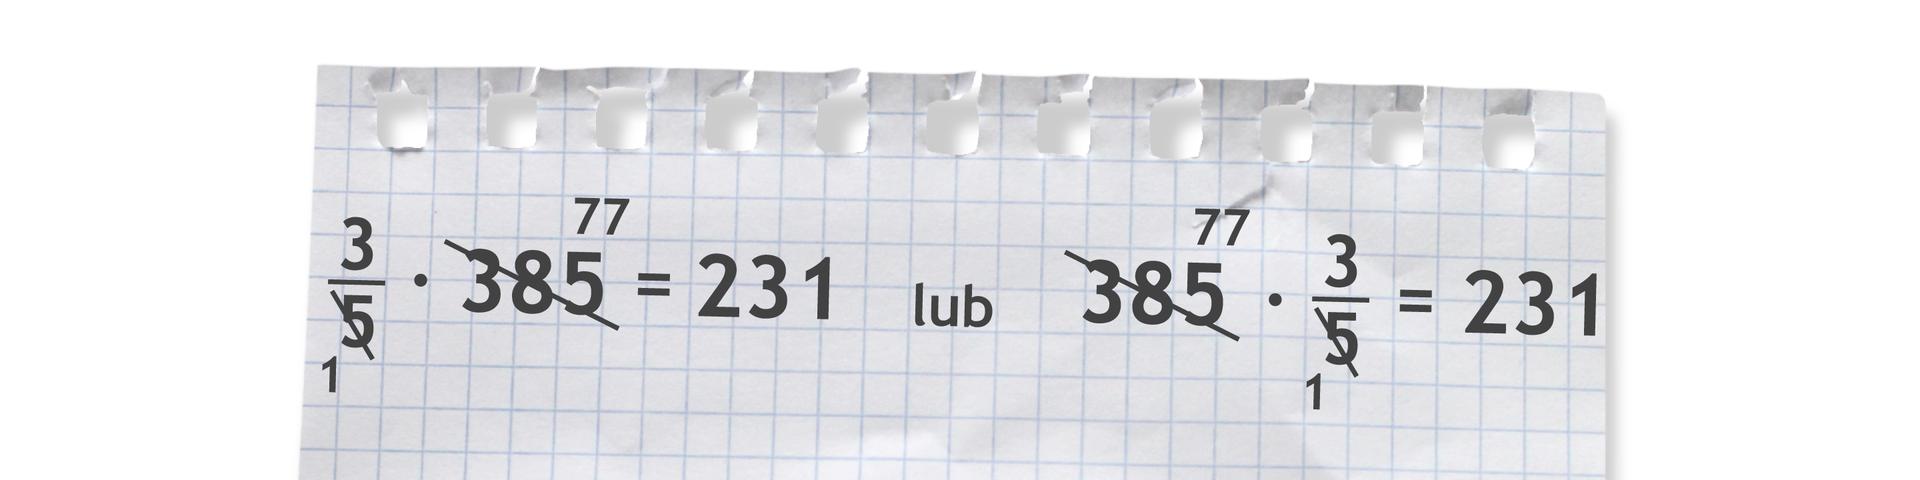 Dwa przykłady: trzy piąte razy 385 =231 lub 385 razy trzy piąte =231. Liczby 5 i385 po skróceniu przez 5 są odpowiednio równe 1 i77.